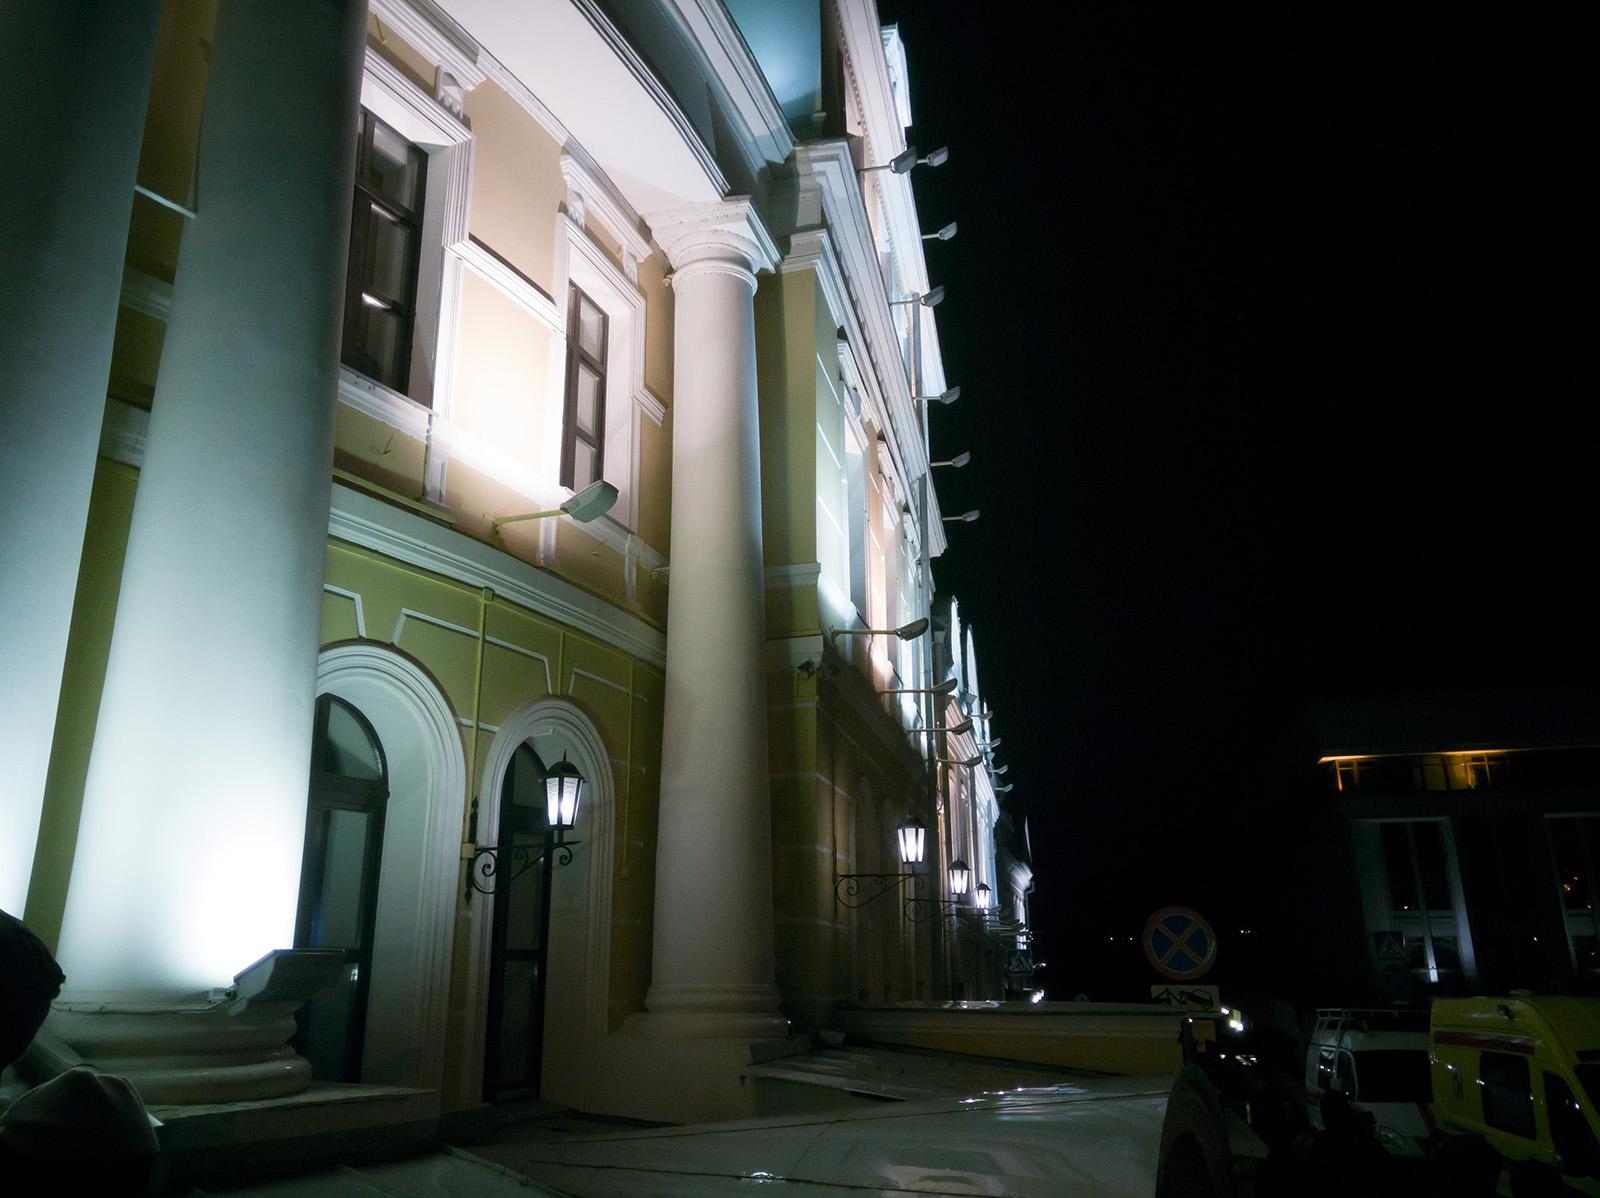 Ночное JPG-фото, проявленное из RAW